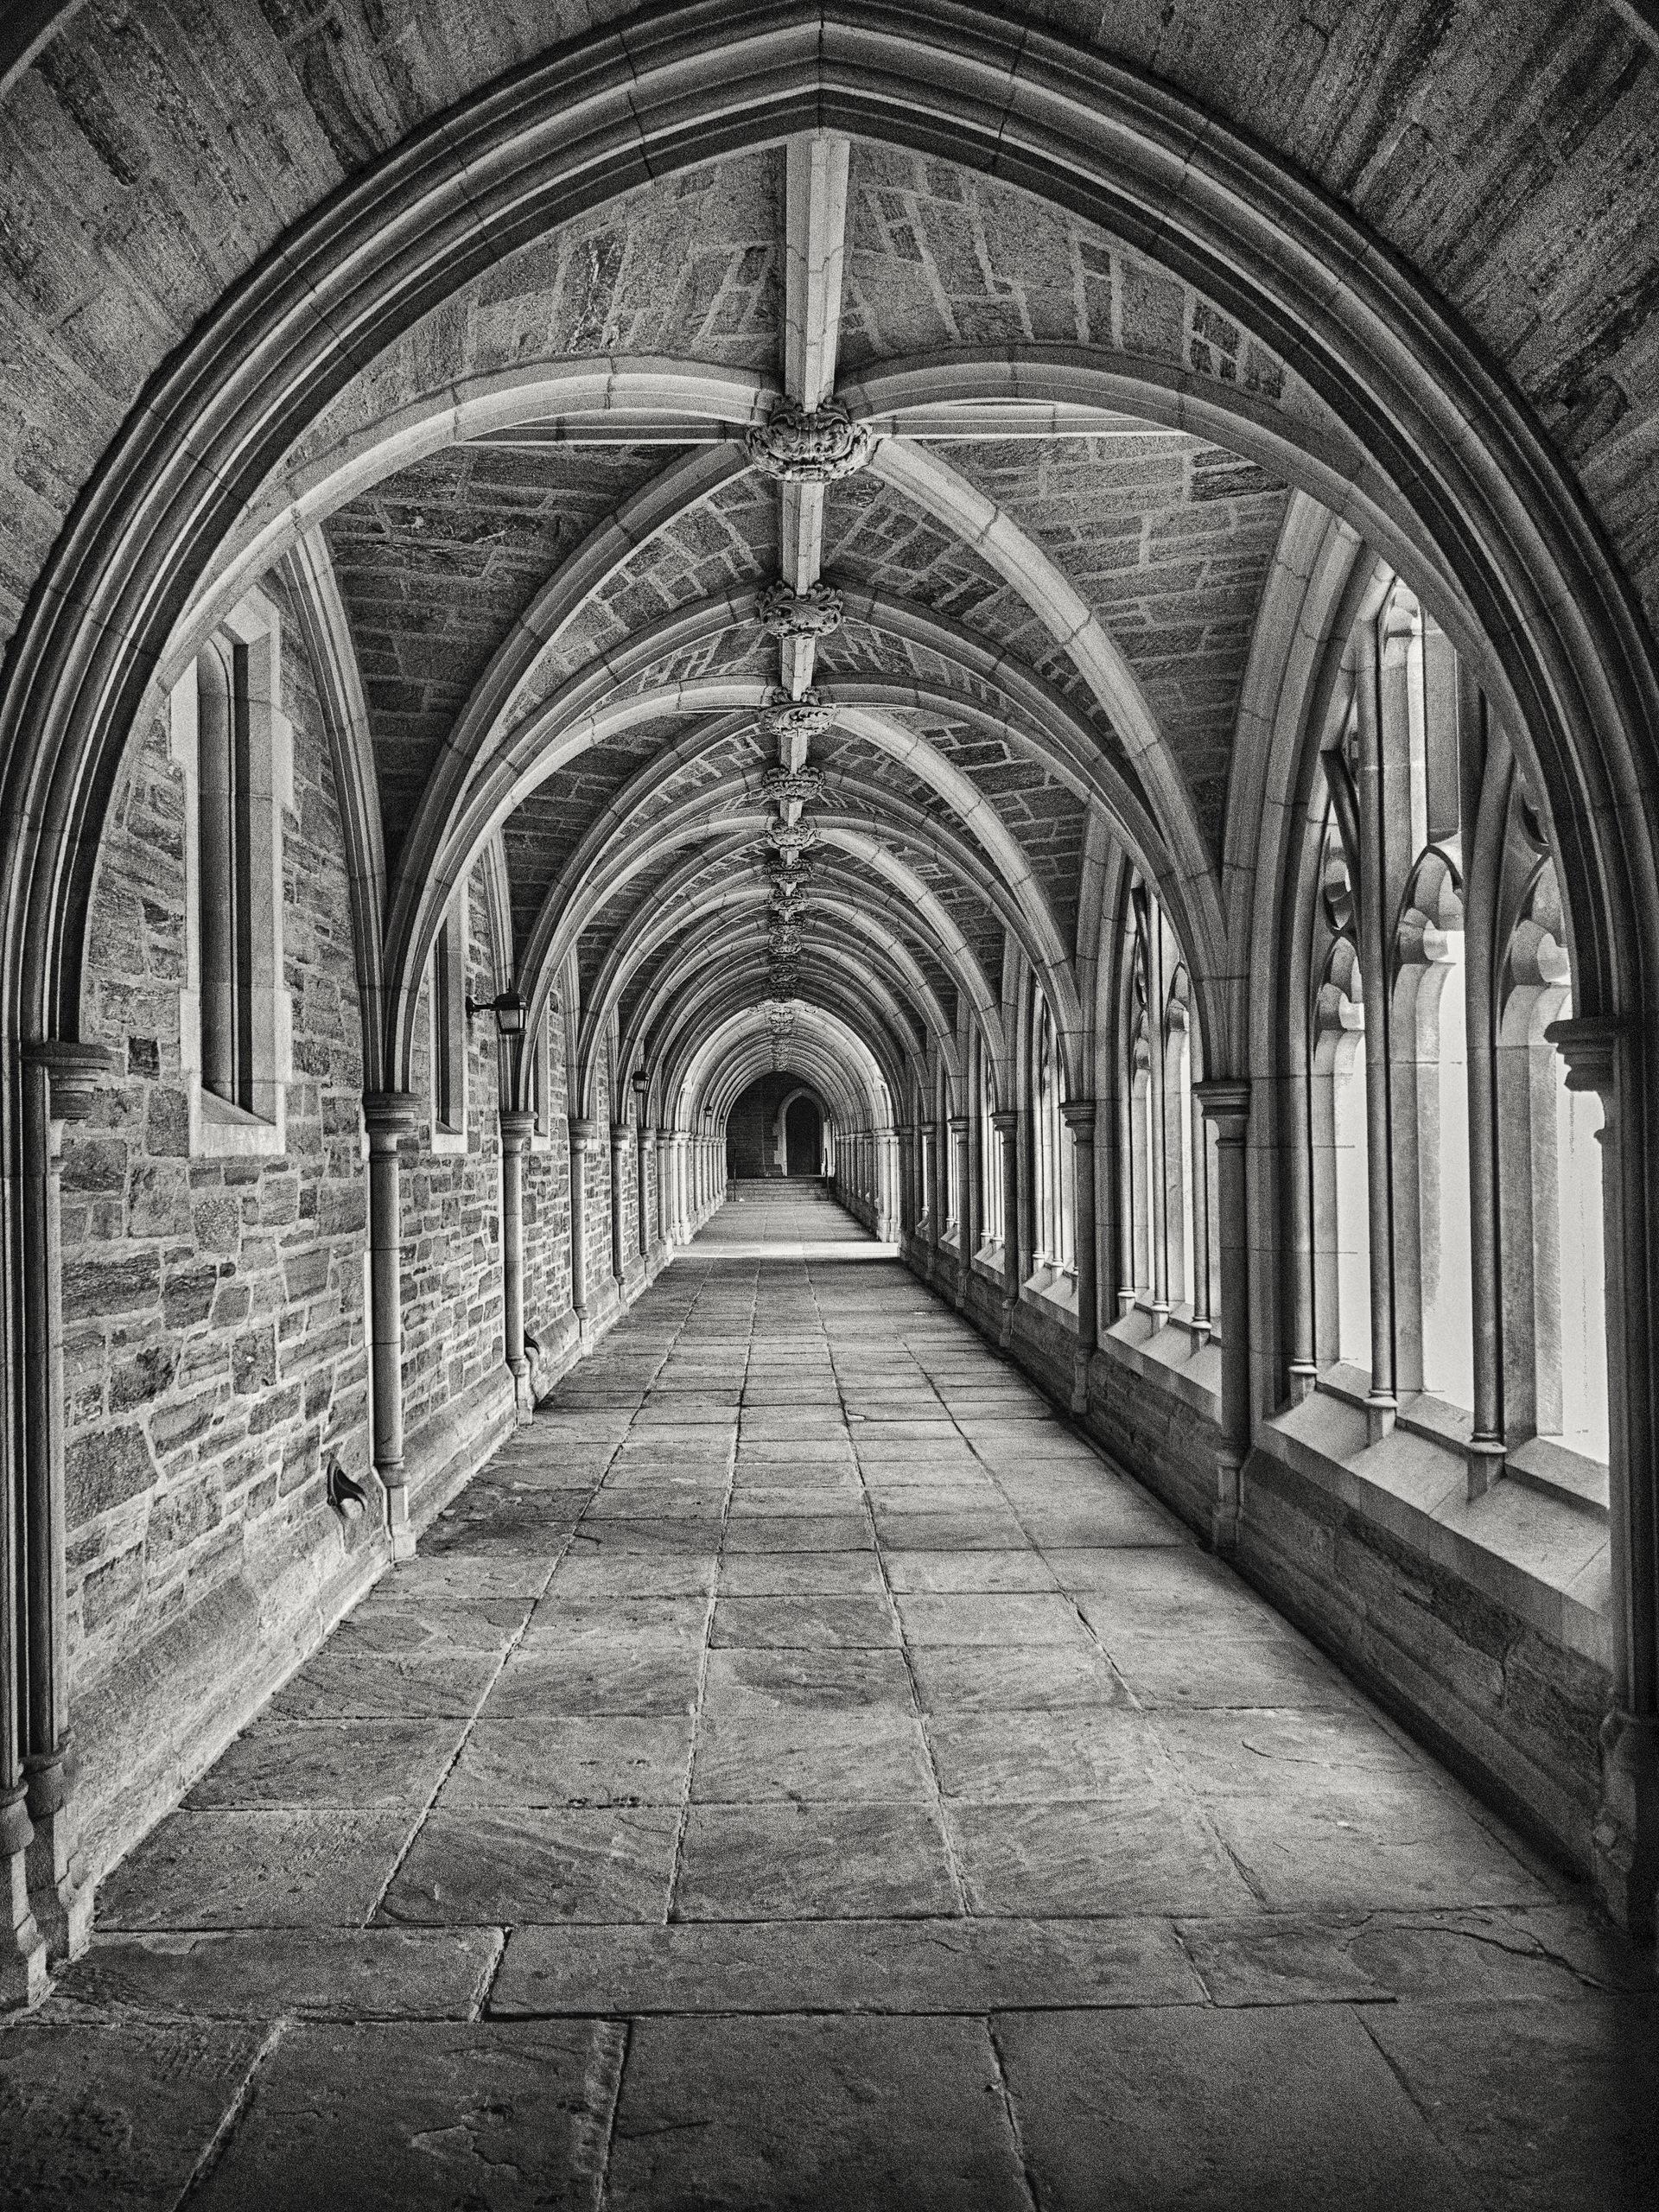 建设, 奇石, 体系结构, 老, 在黑色和白色 - 高清壁纸 - 教授-falken.com